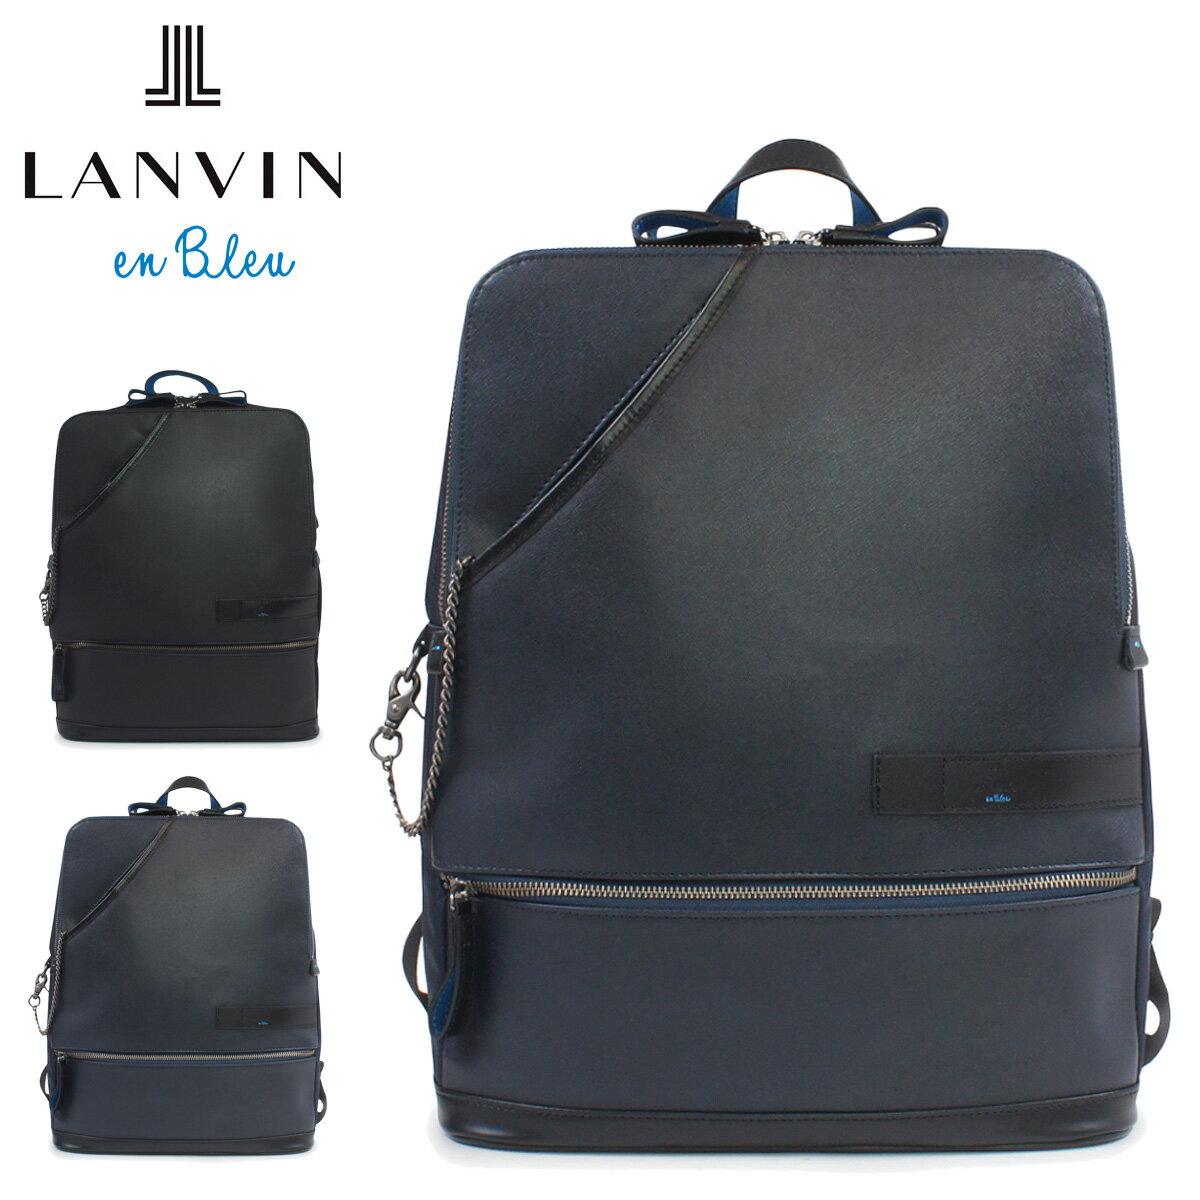 ランバン オン ブルー LANVIN en Bleu リュック 572701 パラドックス 【 ランバンオンブルー 】【 バックパック デイパック ビジネスバッグ ビジネスリュック メンズ 】